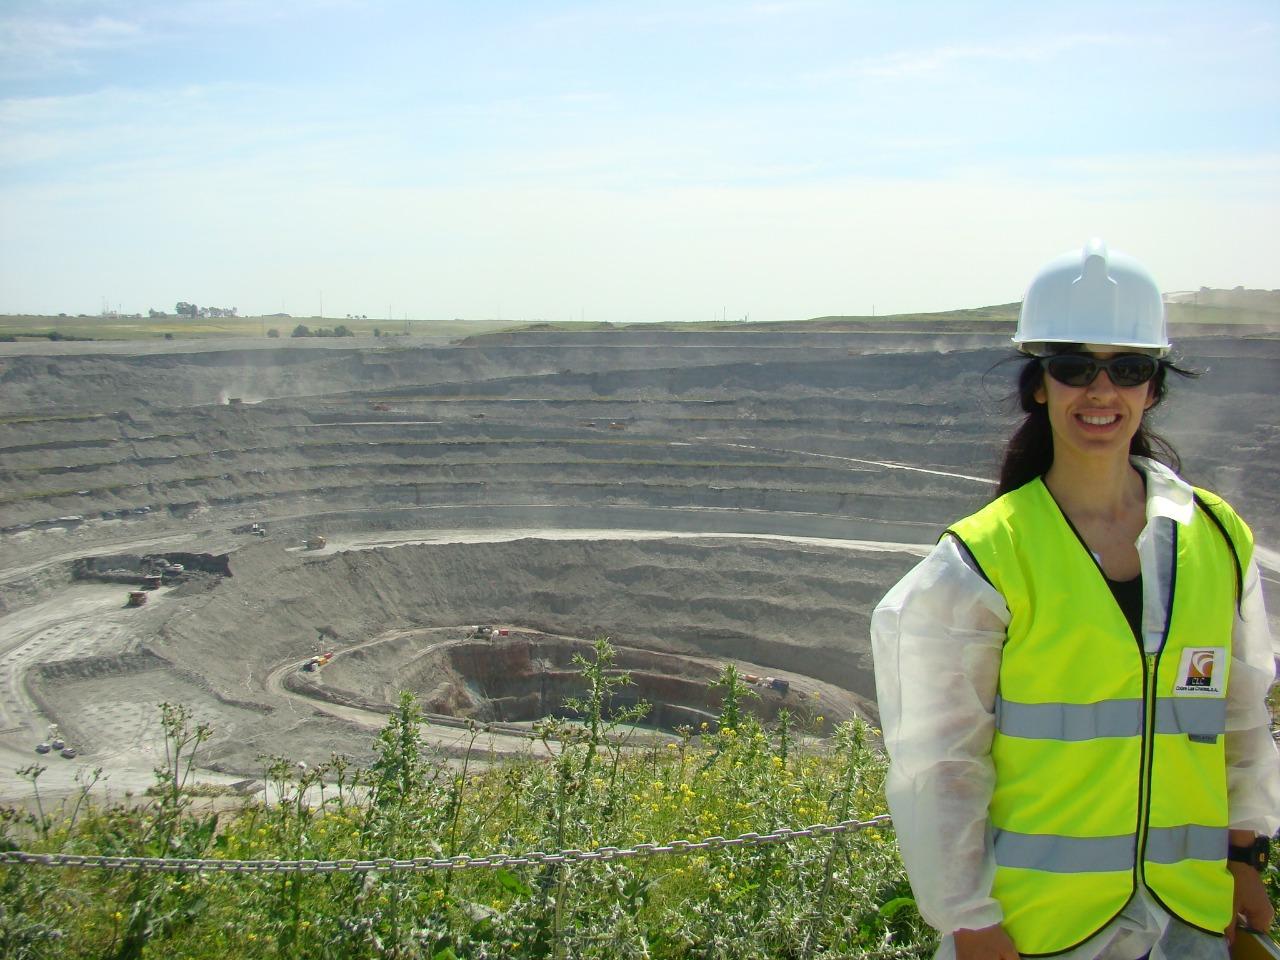 Minería: «Quienes trabajamos en la industria somos los primeros ambientalistas», afirma la geóloga Almada